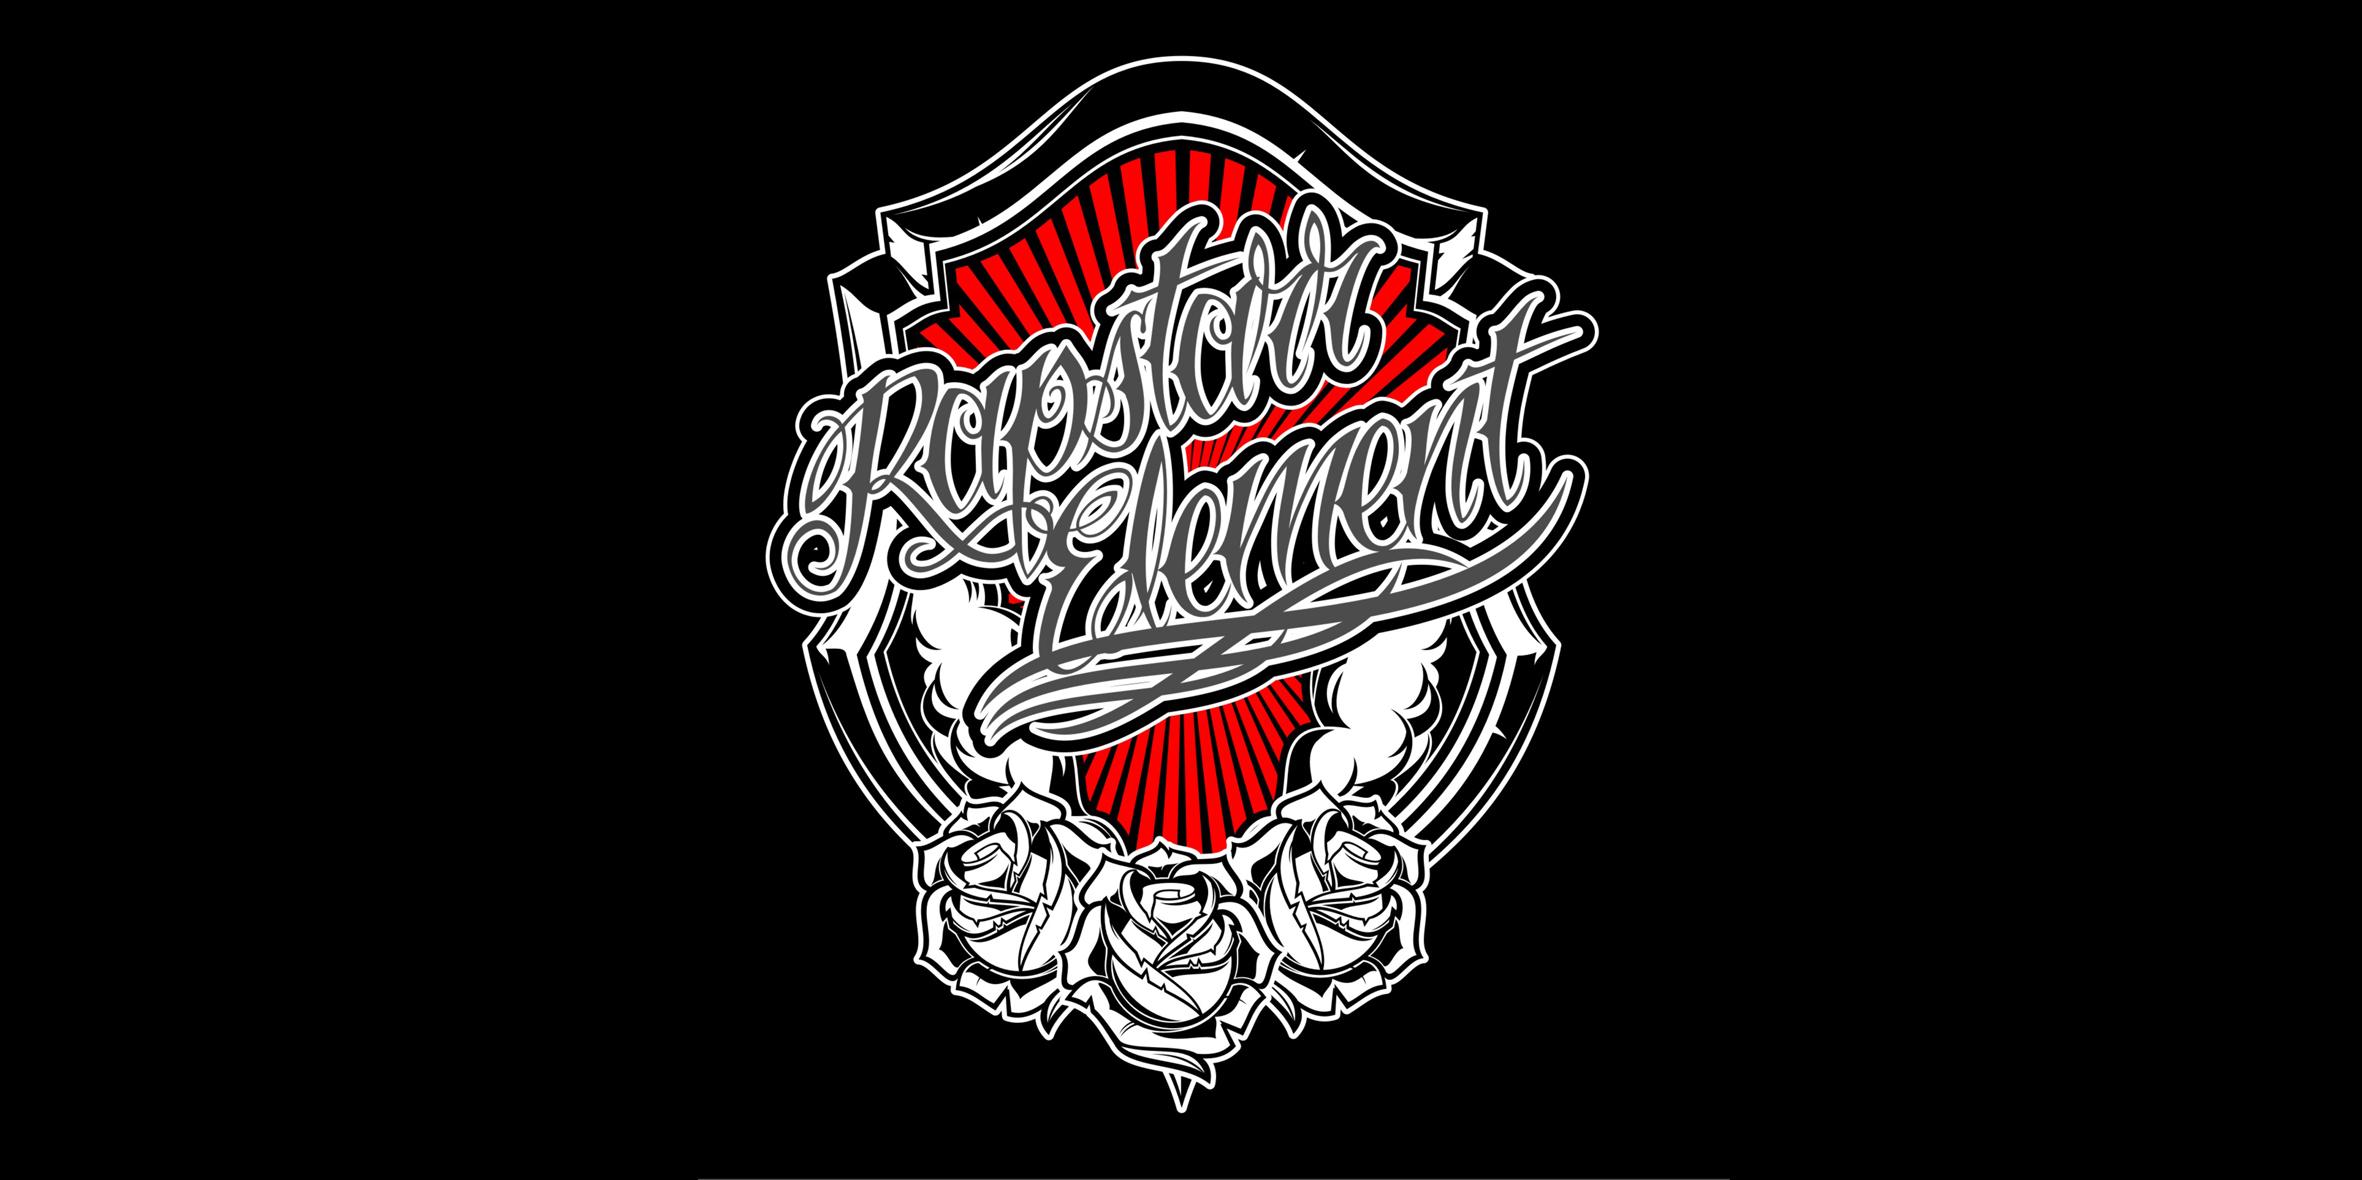 hardcore-girl-logos-something-milf-tits